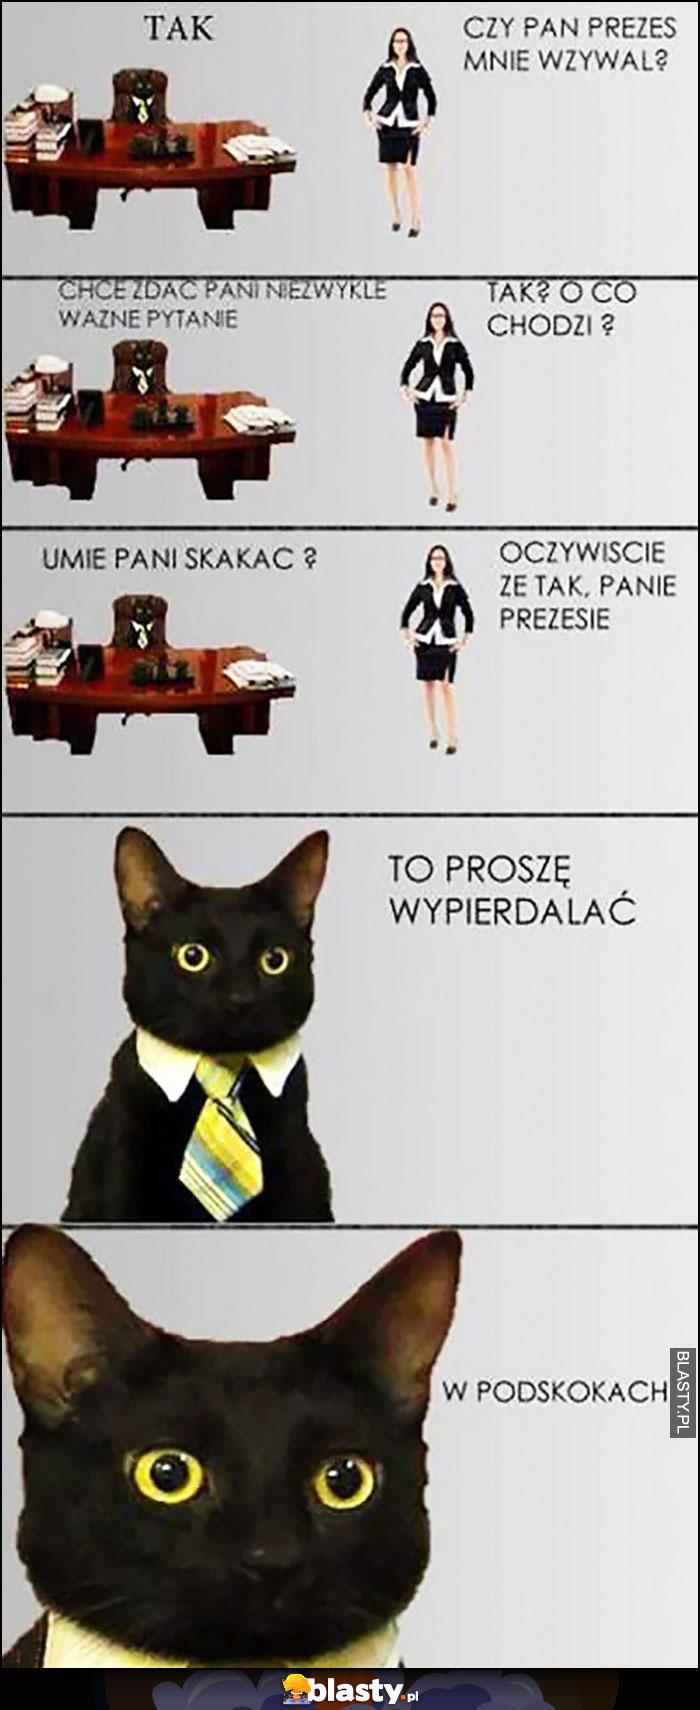 Kot prezes, wzywał mnie Pan? Umie Pani skakać, to proszę wypierdzielać w podskokach